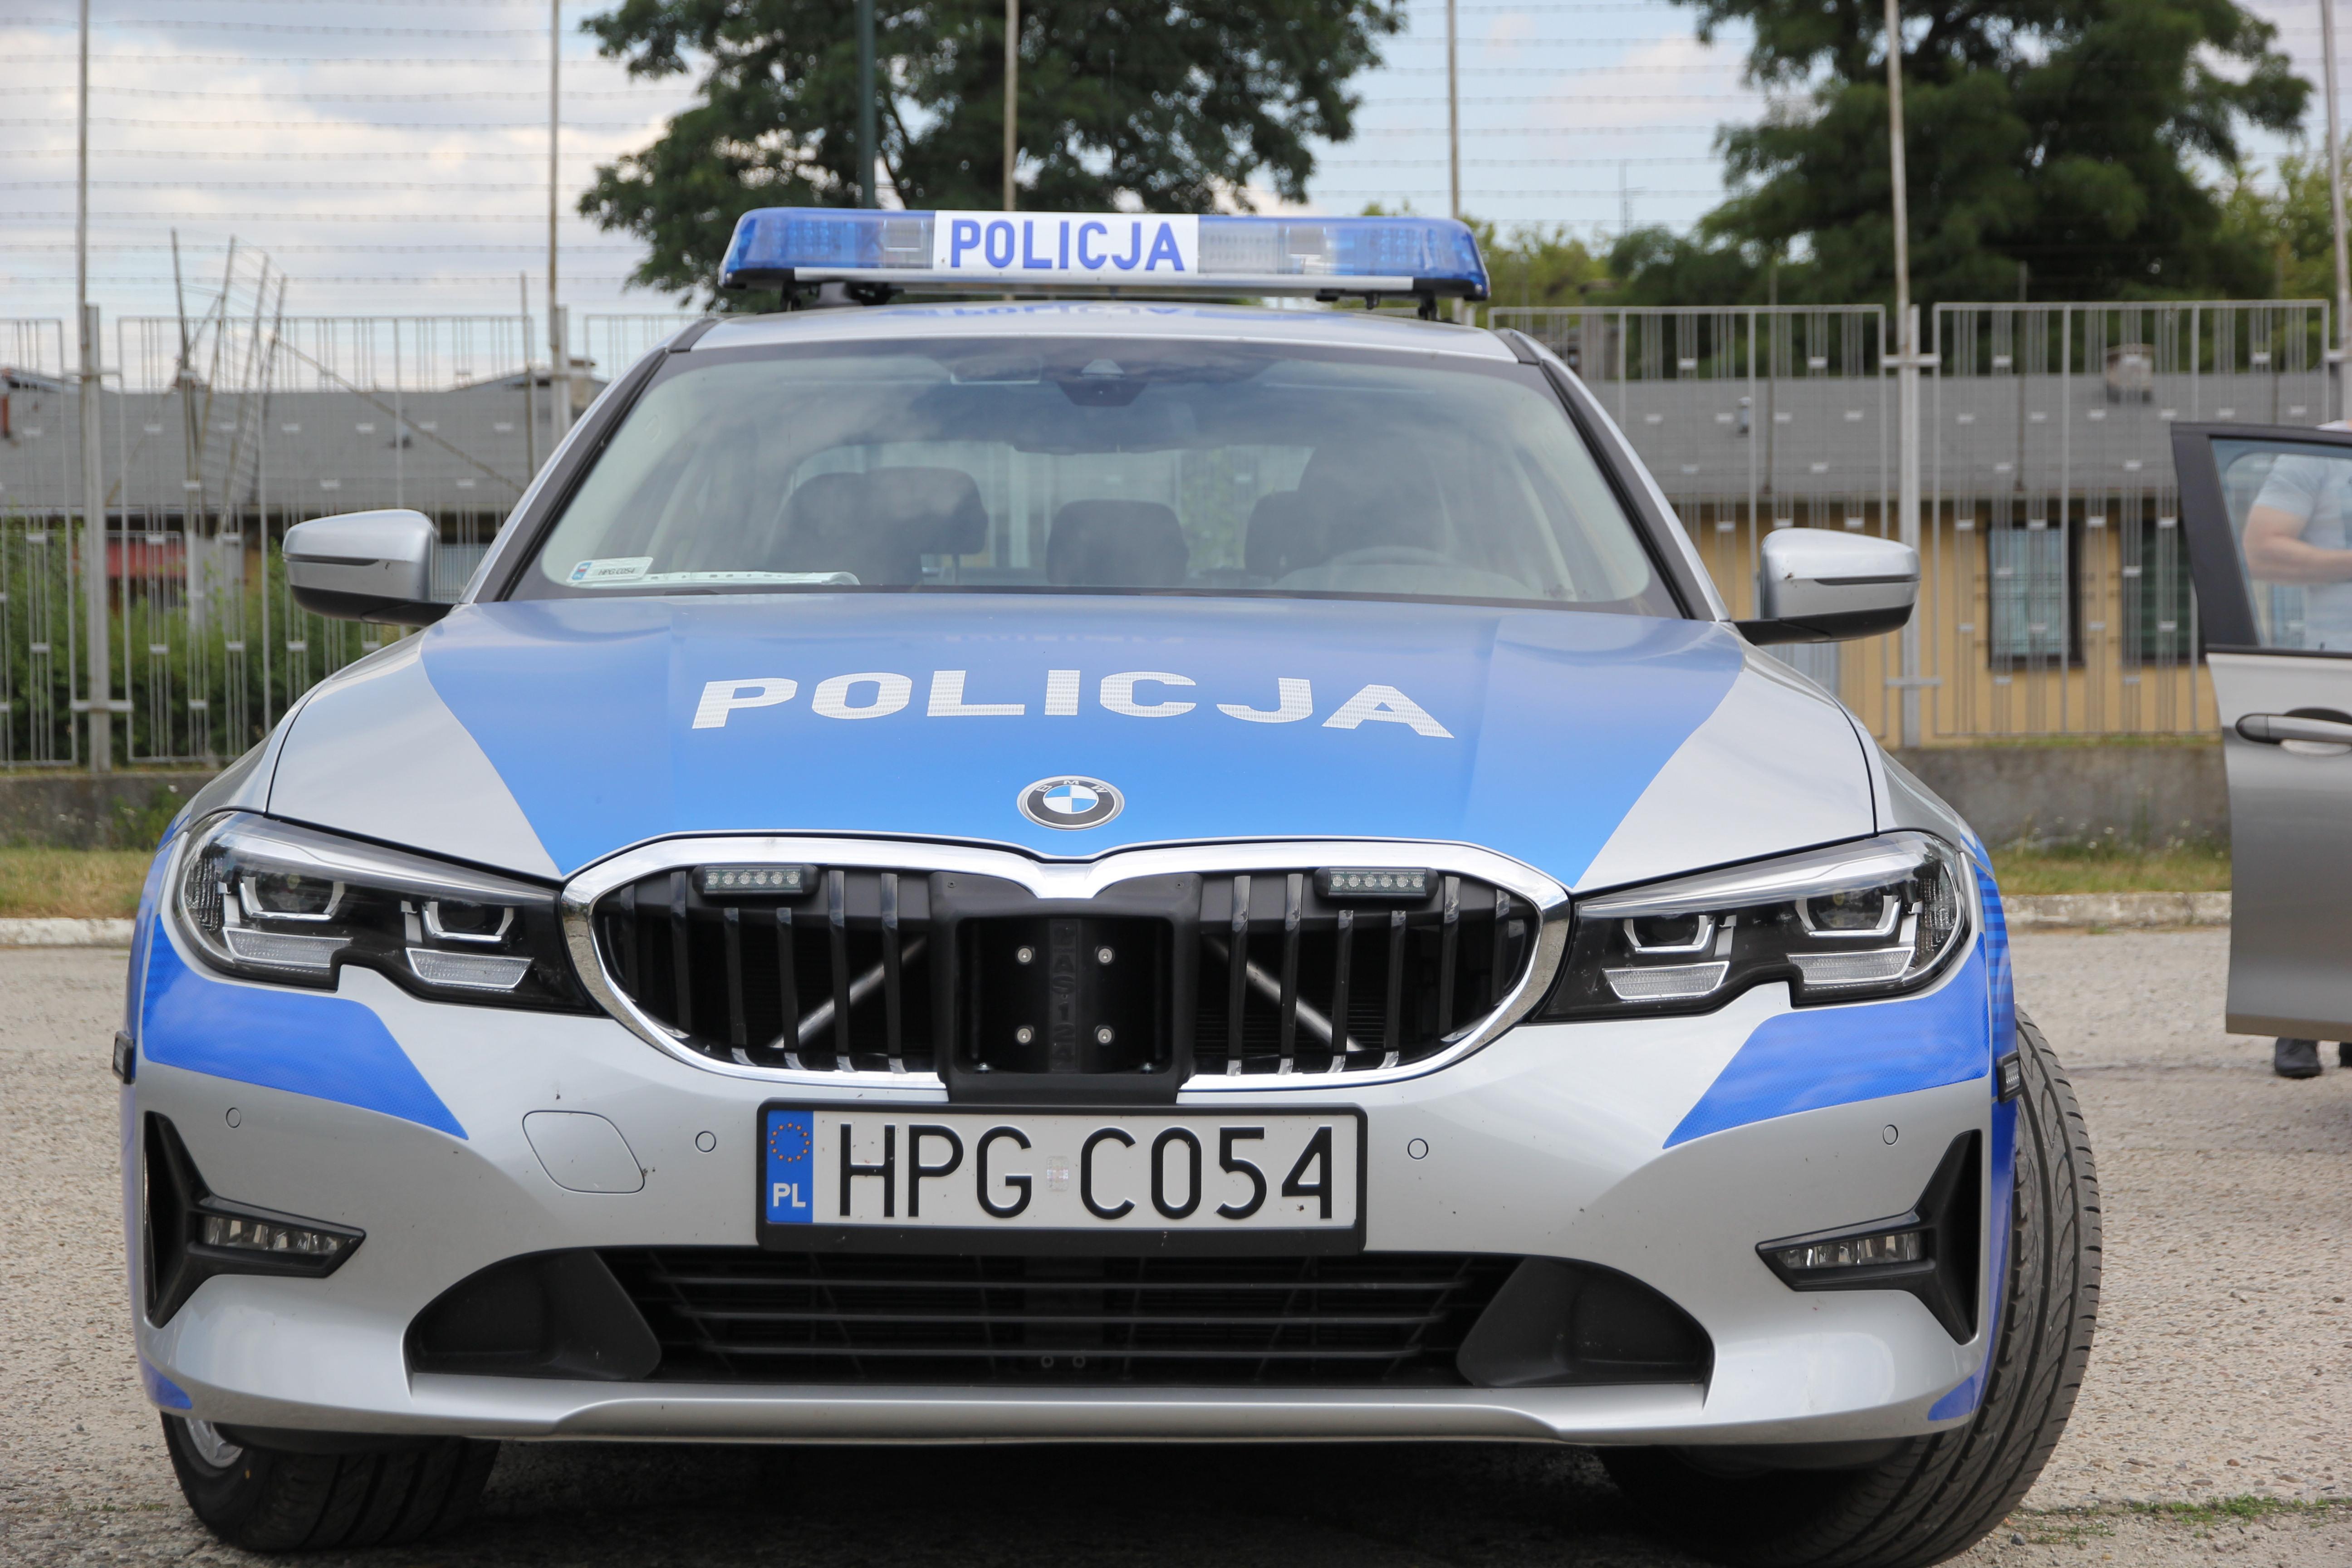 Uwaga piraci drogowi! Policyjna grupa SPEED już w akcji